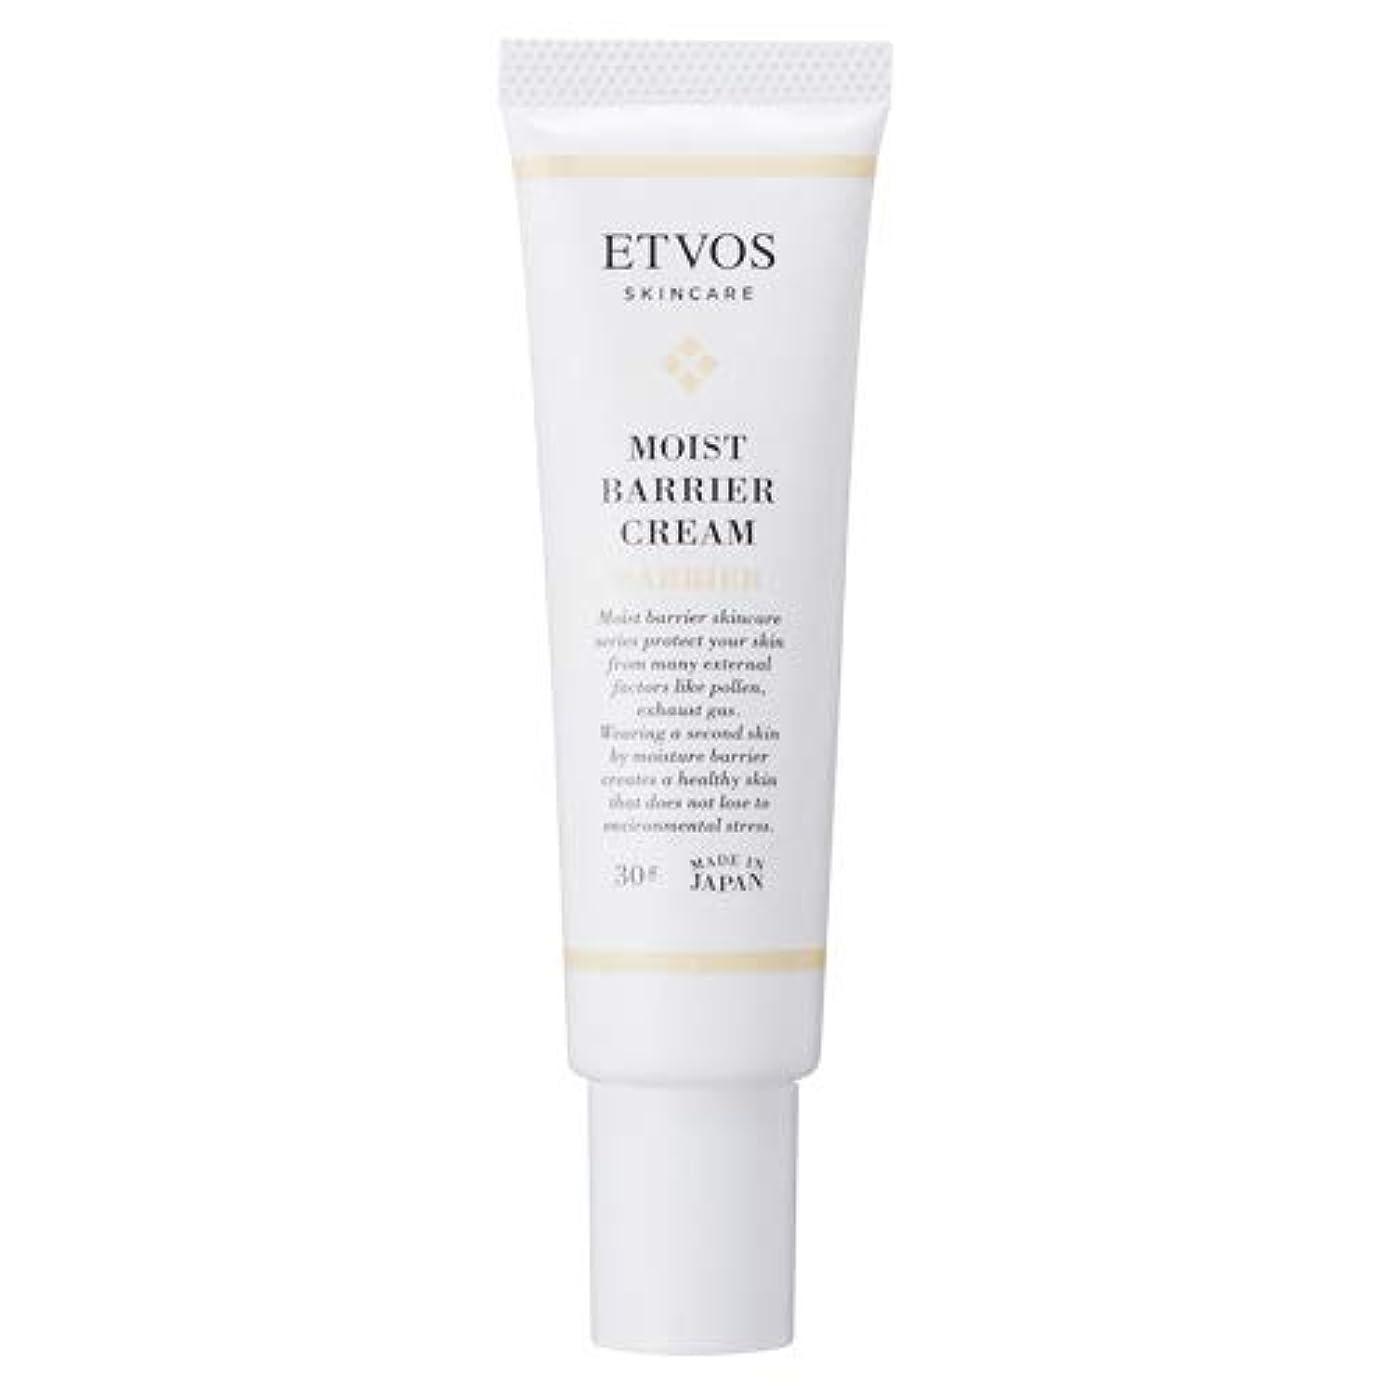 同性愛者ユーモア安全ETVOS(エトヴォス) 皮膚保護クリーム モイストバリアクリーム 30g 肌荒れ/敏感肌 花粉/PM2.5/ハウスダスト